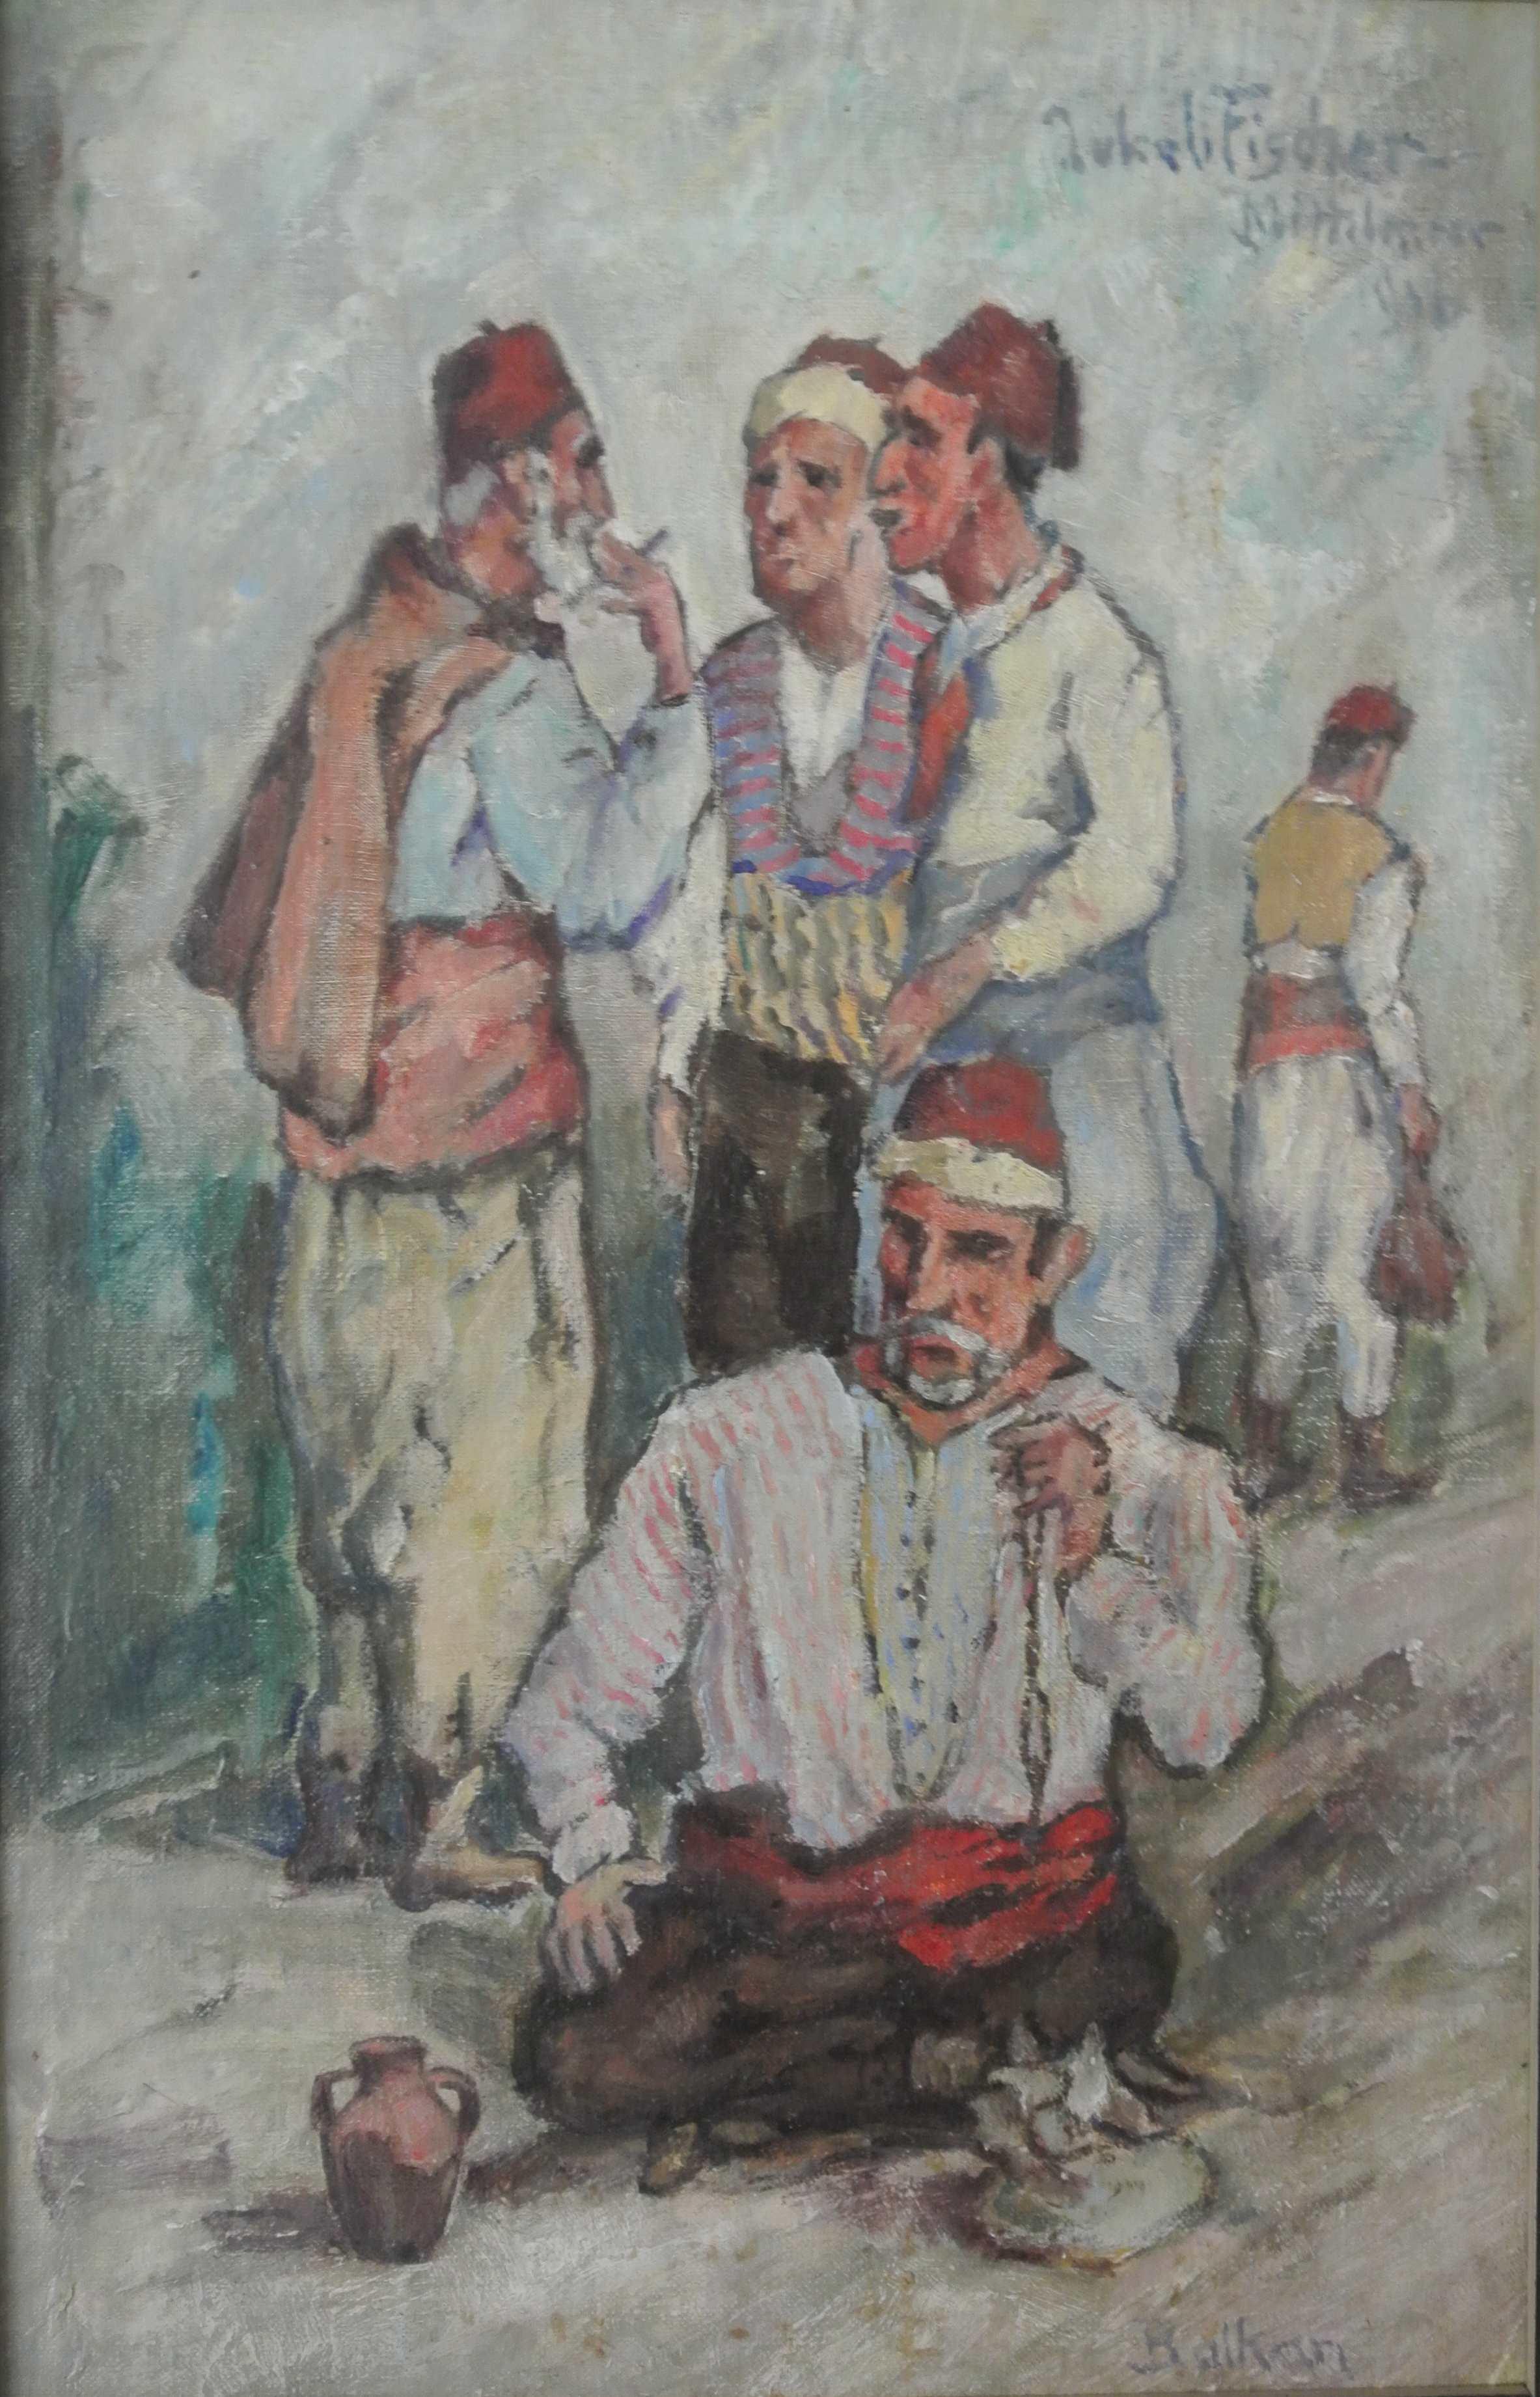 Balkan, Mittelmeer, 1916, für vergrößerte Ansicht anklicken!